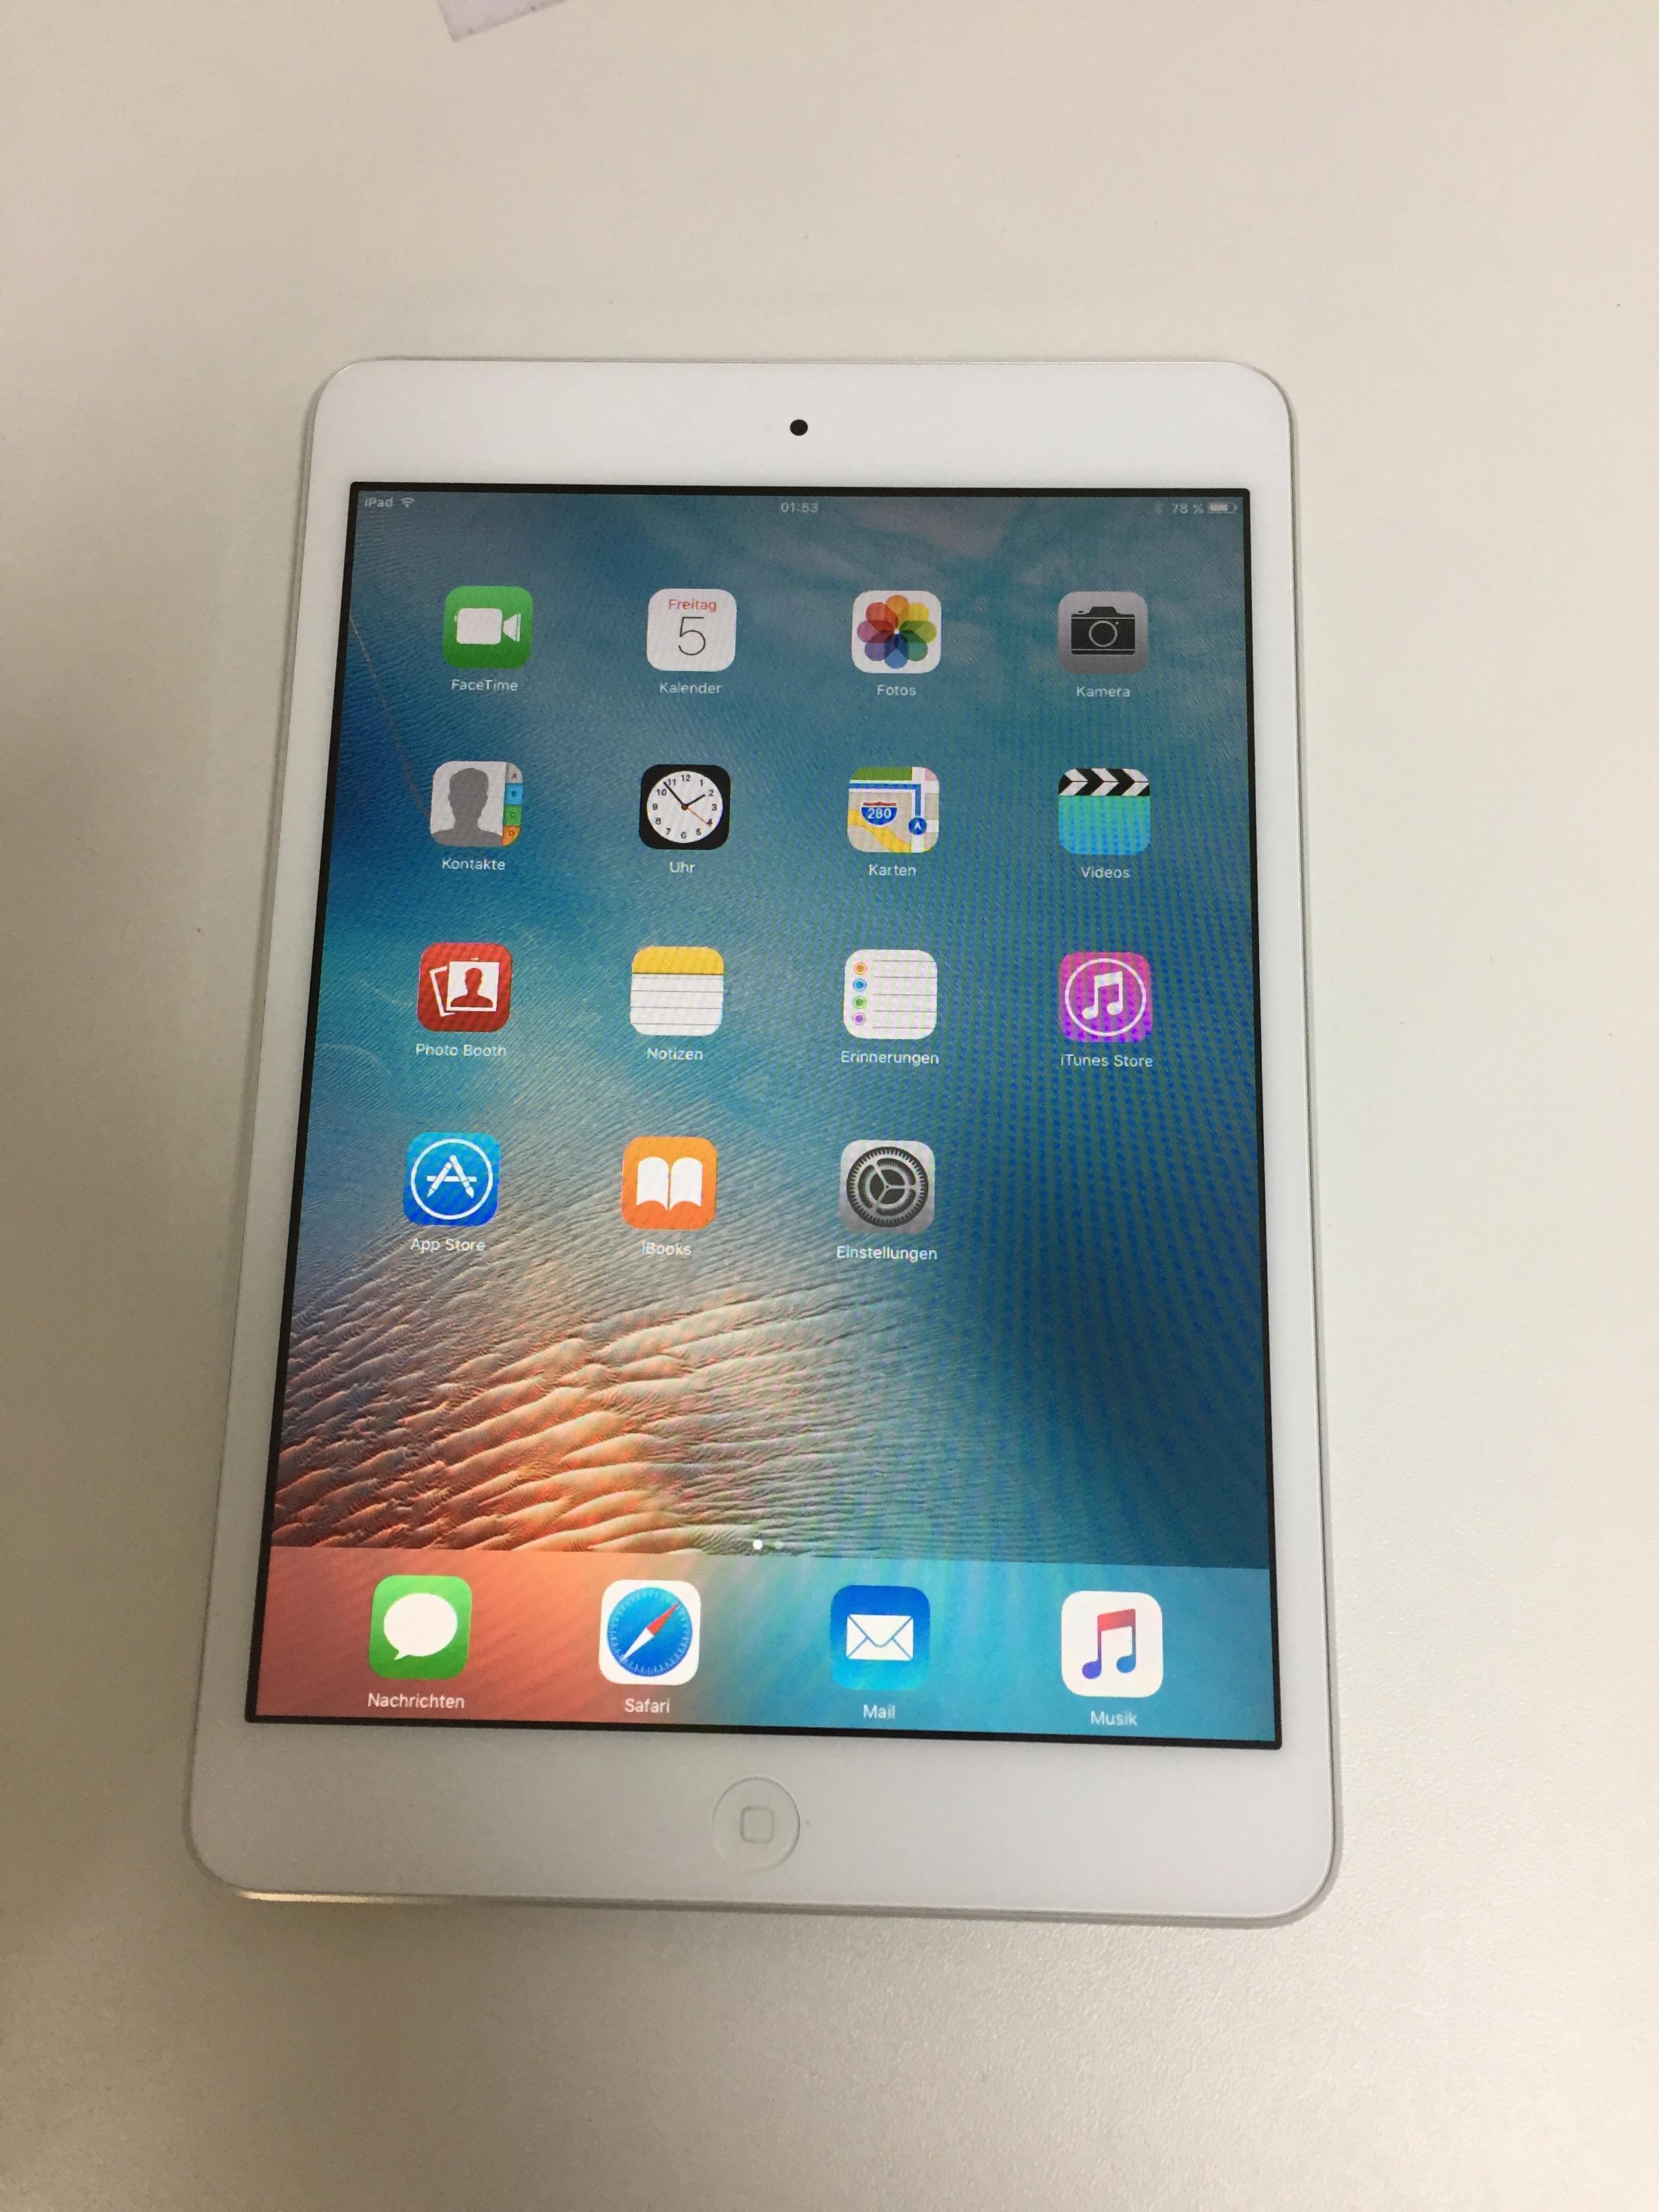 iPad mini Wi-Fi 16GB, 16 GB, Silber, Bild 1